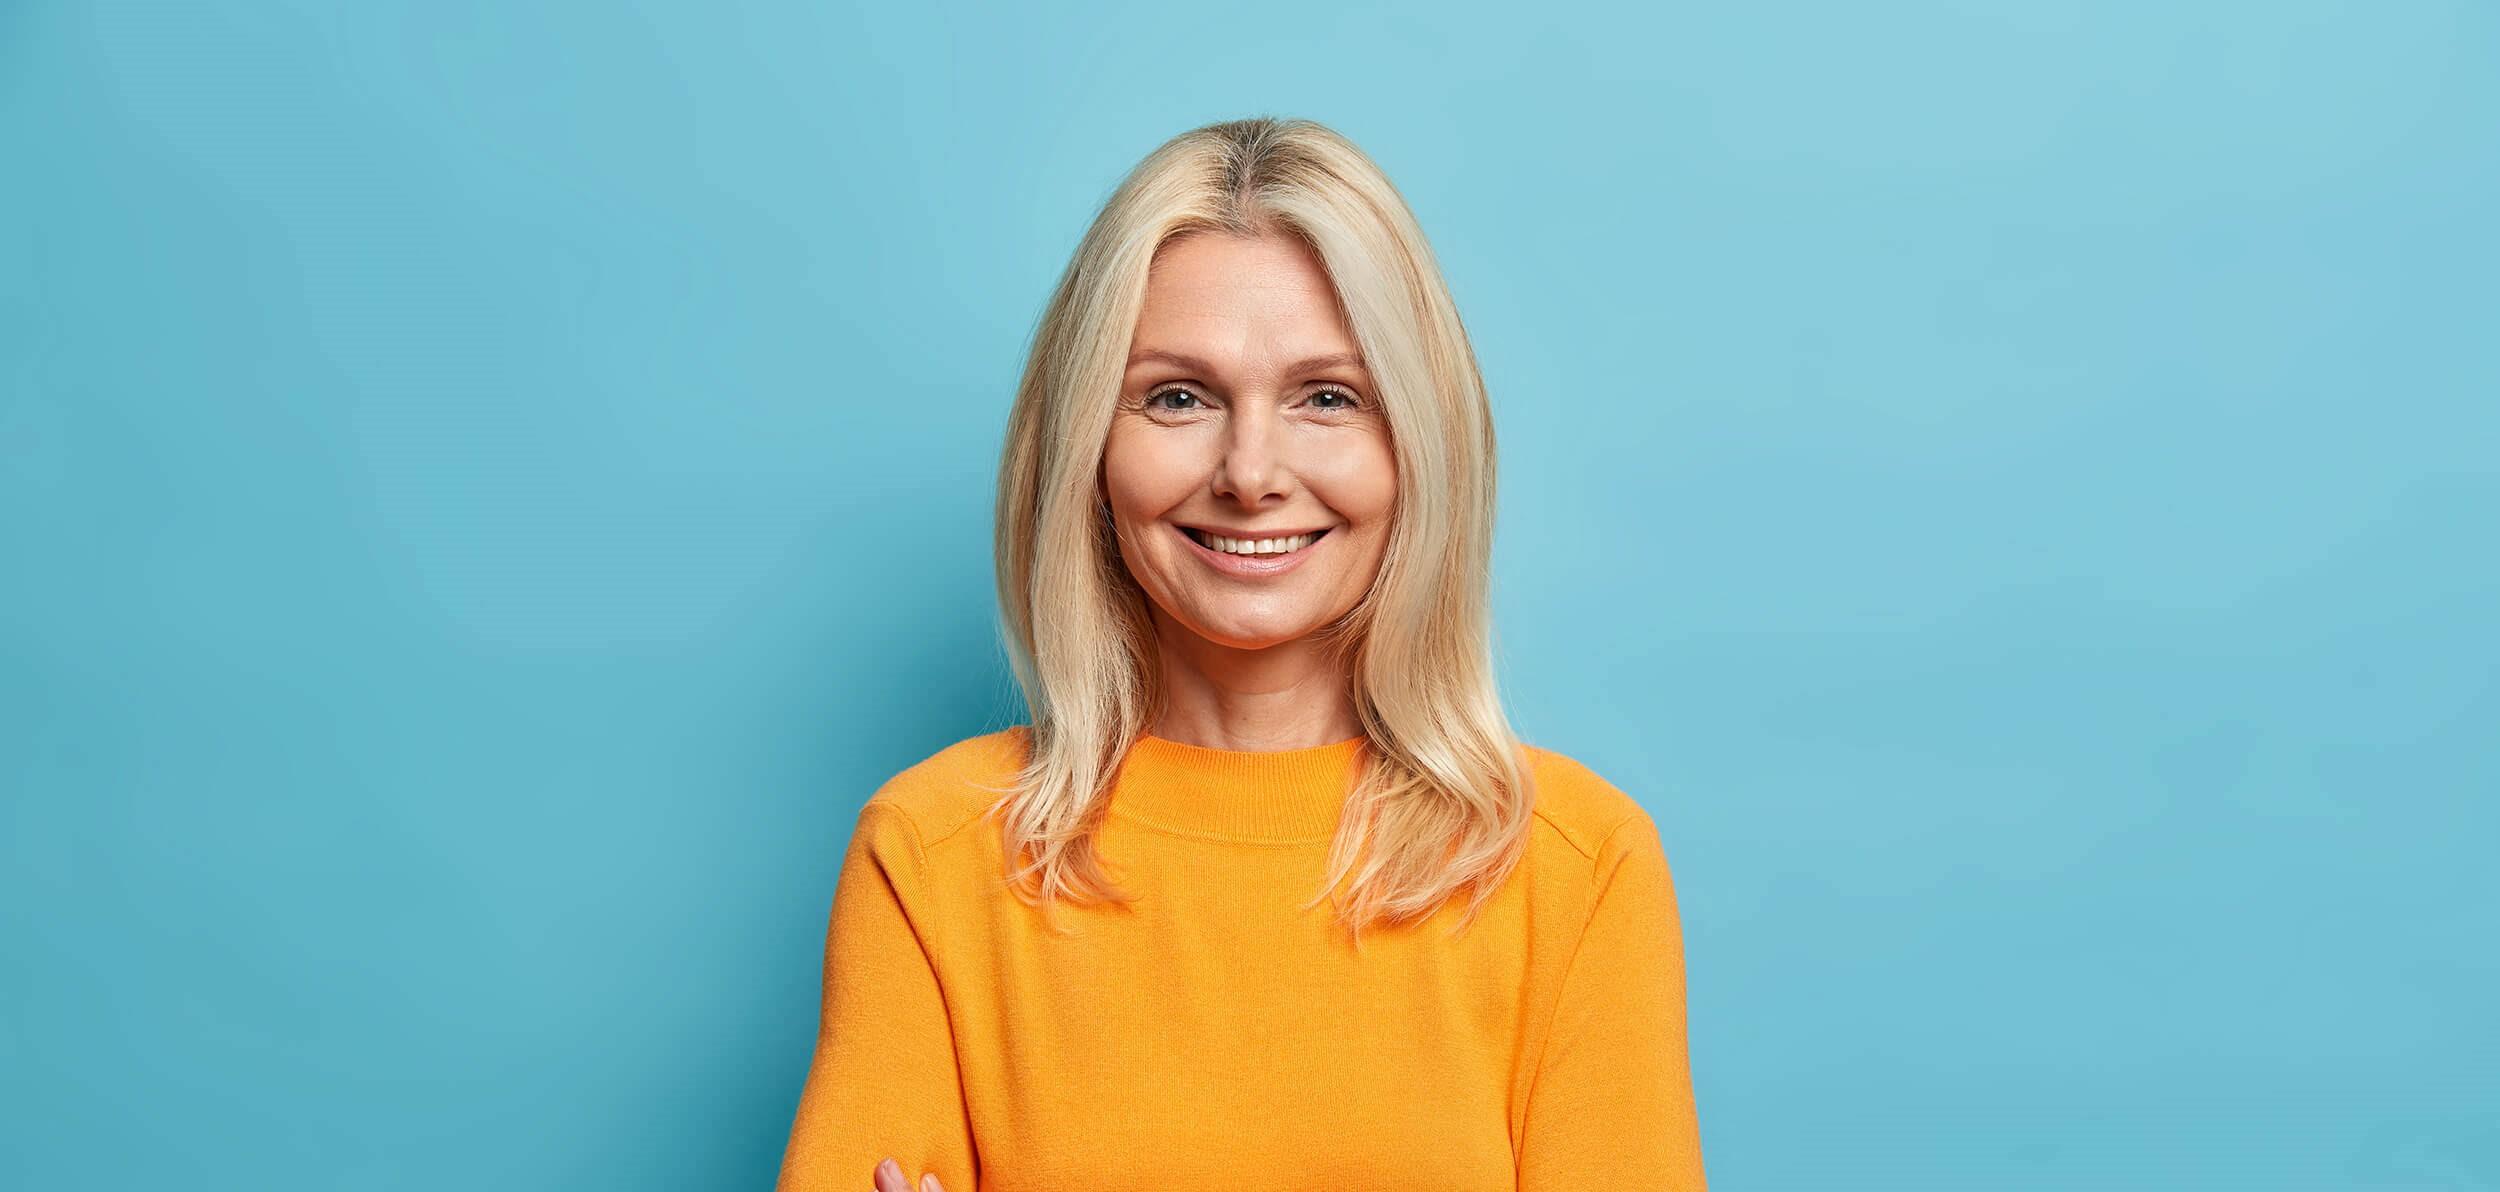 mujer madura con bonita sonrisa y dientes blancos con fondo azul